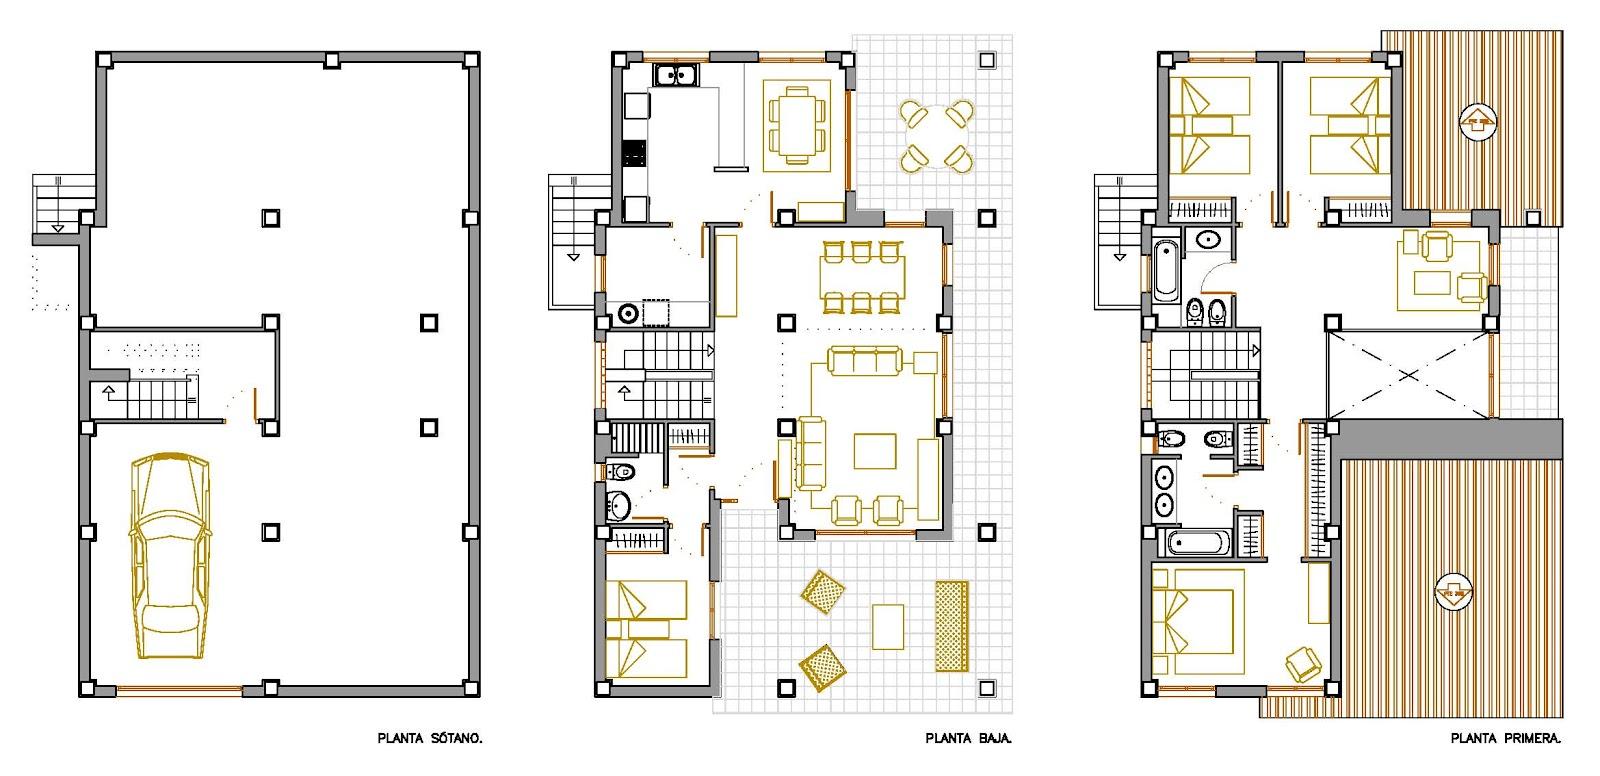 Planos de casas unifamiliares de dos plantas for Planos de casas 1 planta